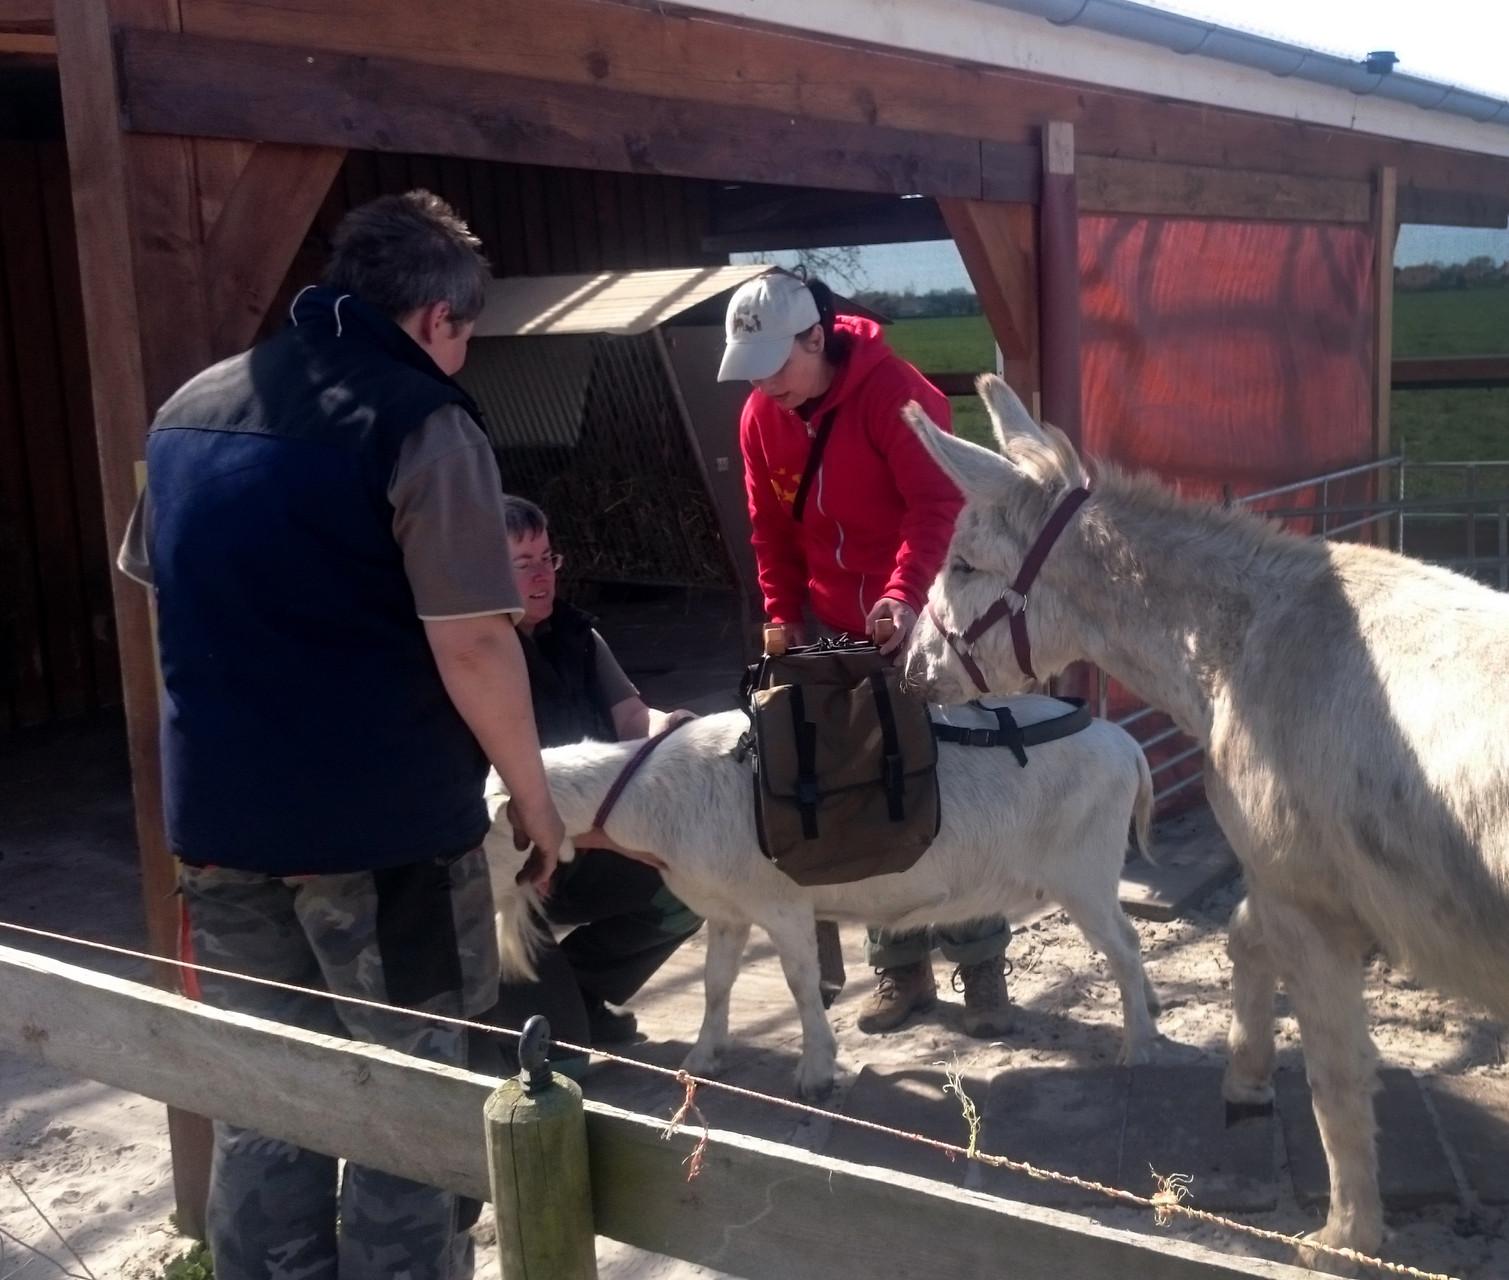 Packsattelkunde war vom großen Interesse. Nicht nur für Esel, sondern auch für Ziegentrekking hatten wir alles dabei.